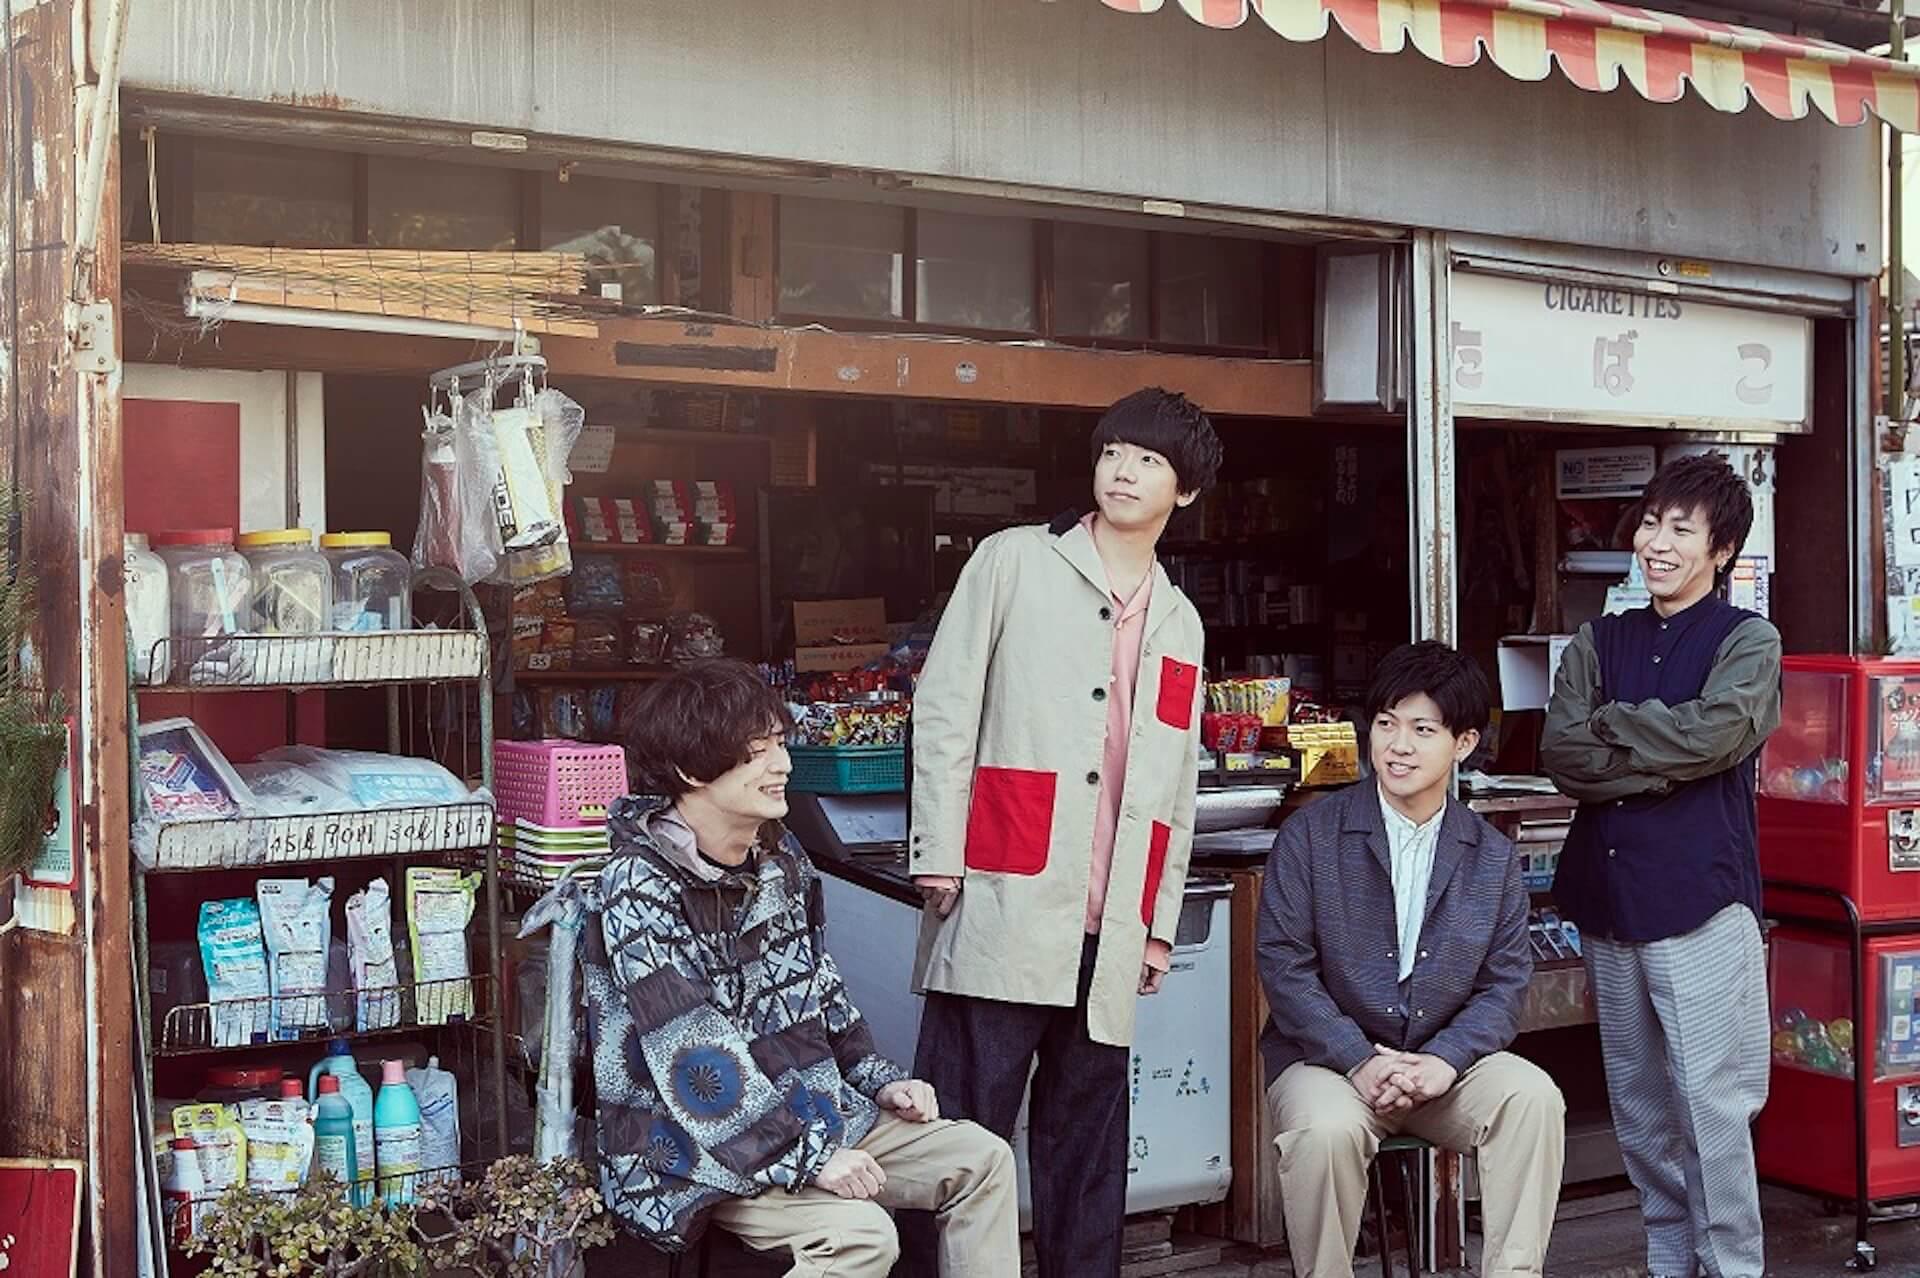 sumika全楽曲サブスク解禁!『おっさんずラブ』主題歌となった新曲「願い」の先行配信も決定 music_191115_sumika_3